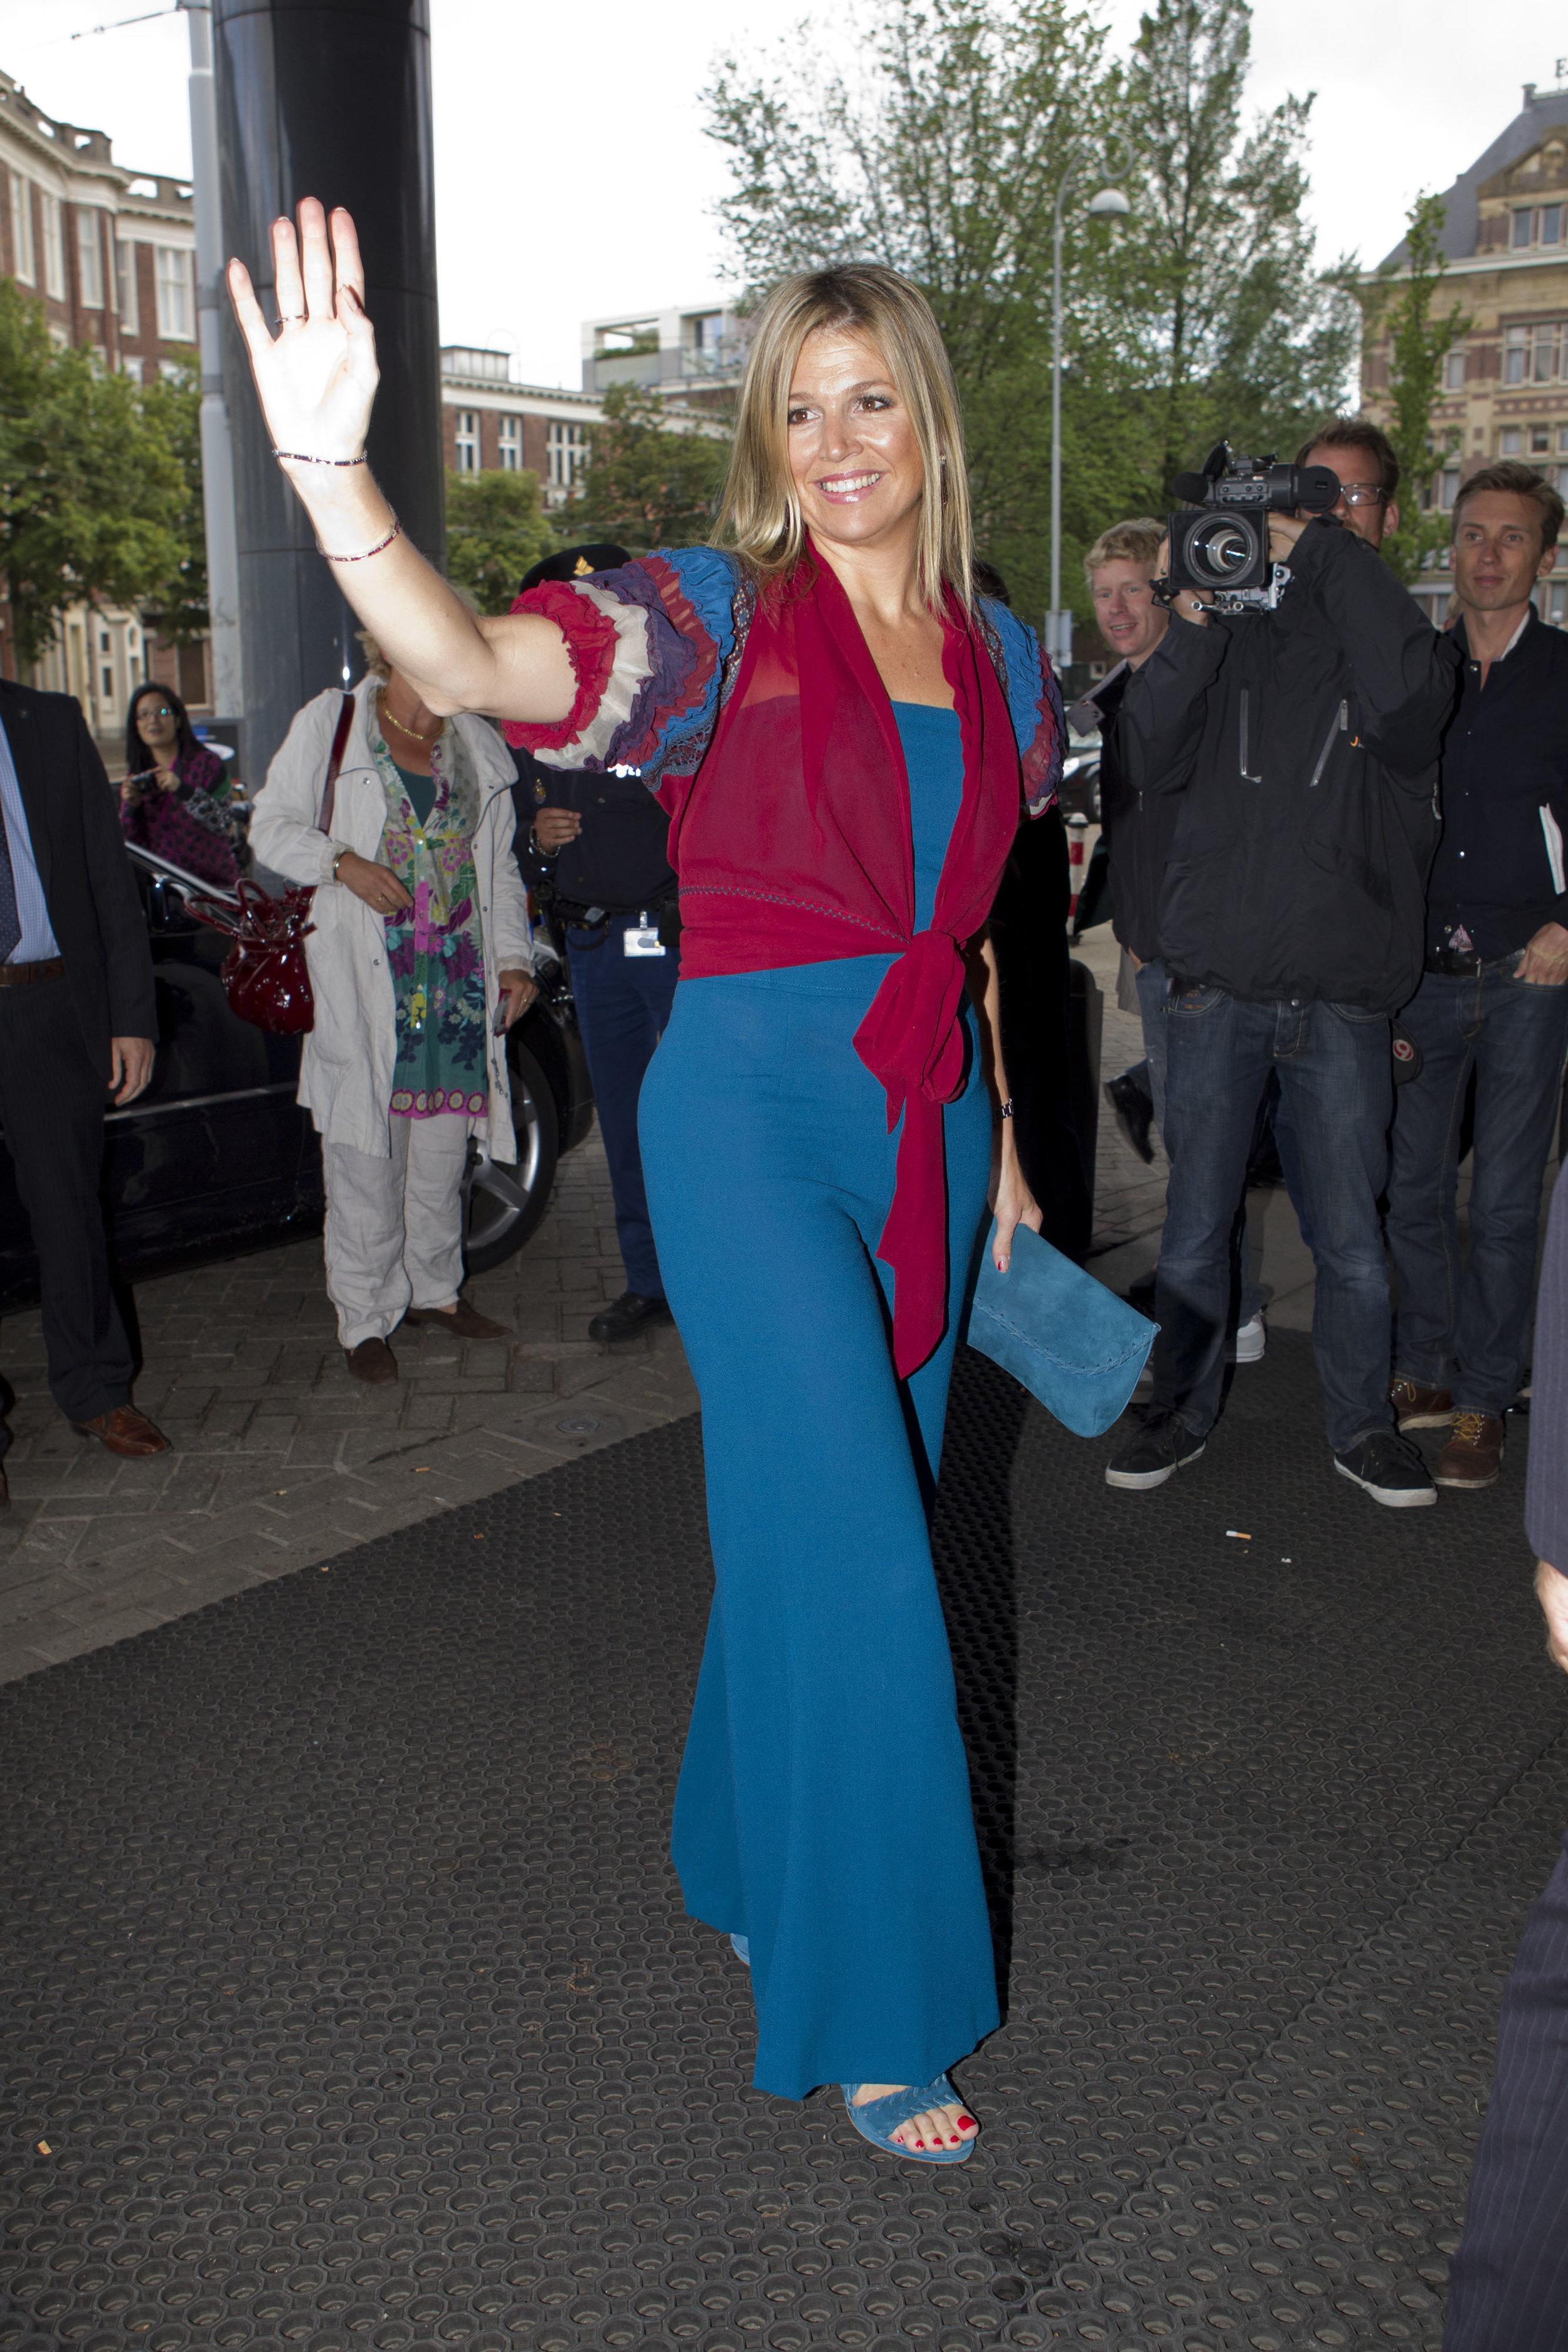 Viel zu leger für eine Königin – finden ihre Kritiker  Foto: Getty Images